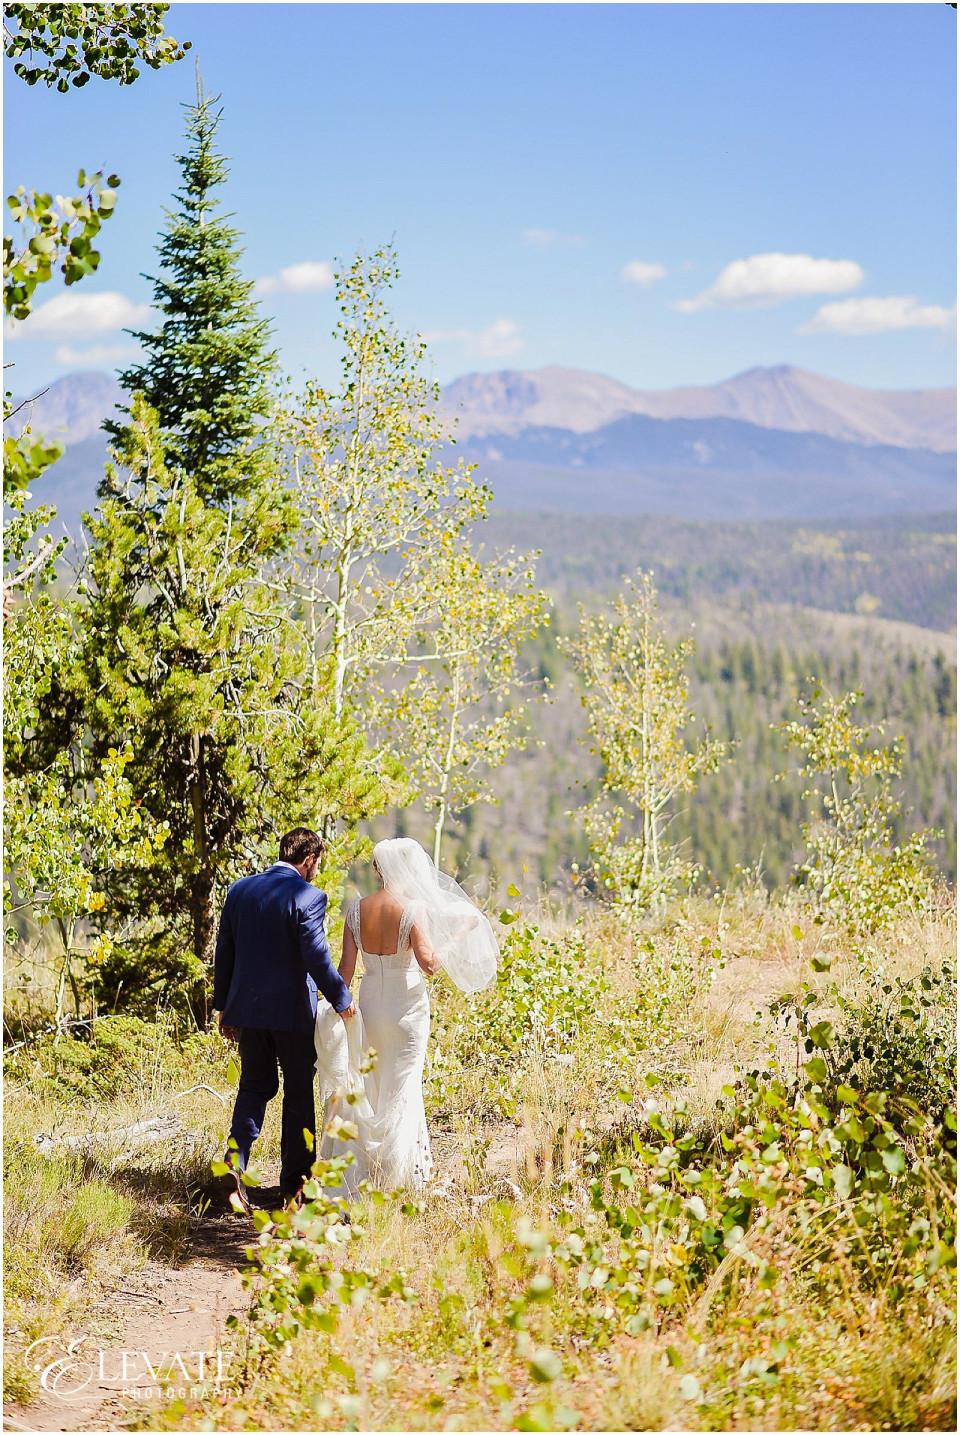 Granby_Ranch_Wedding_Photos-11